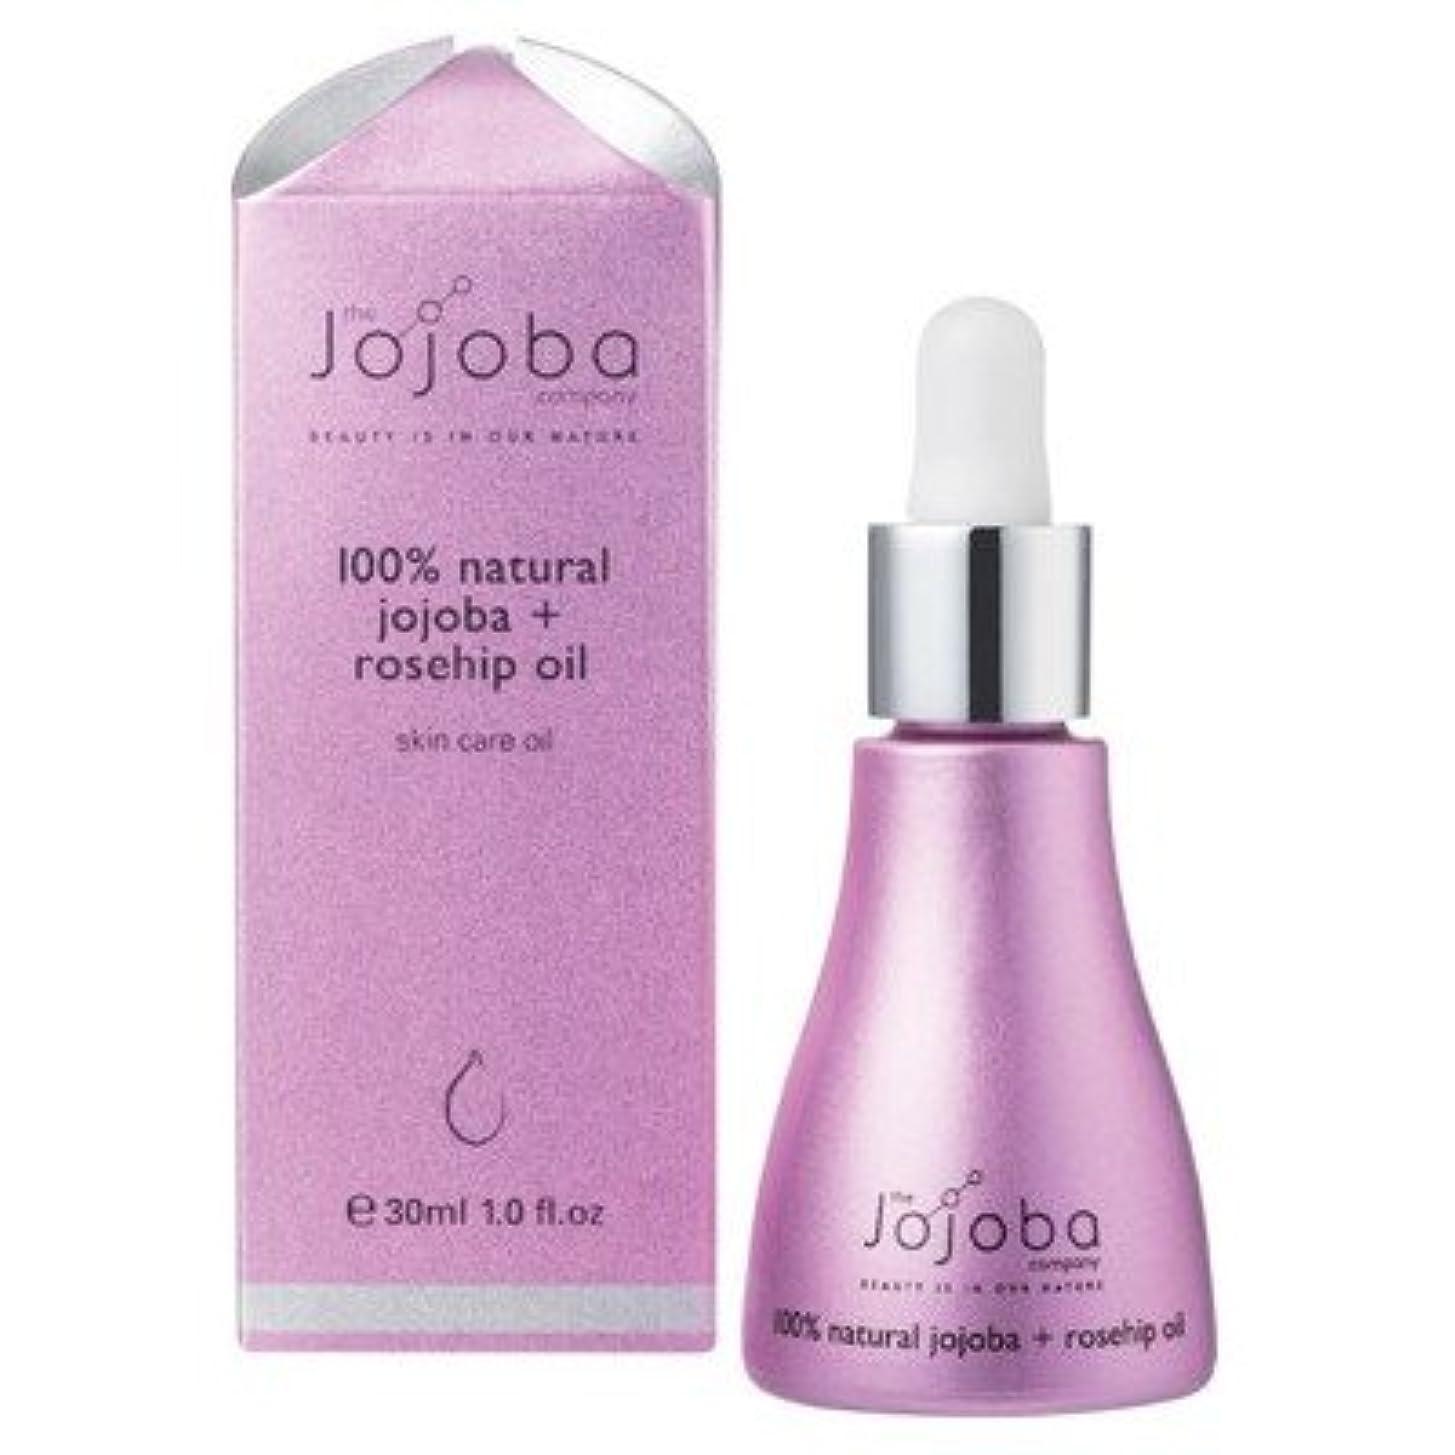 小説家割合受け継ぐthe Jojoba Company 100% Natural Australian Jojoba Oil + Rosehip Oil ホホバ&ローズヒップブレンドオイル 30ml [海外直送品]